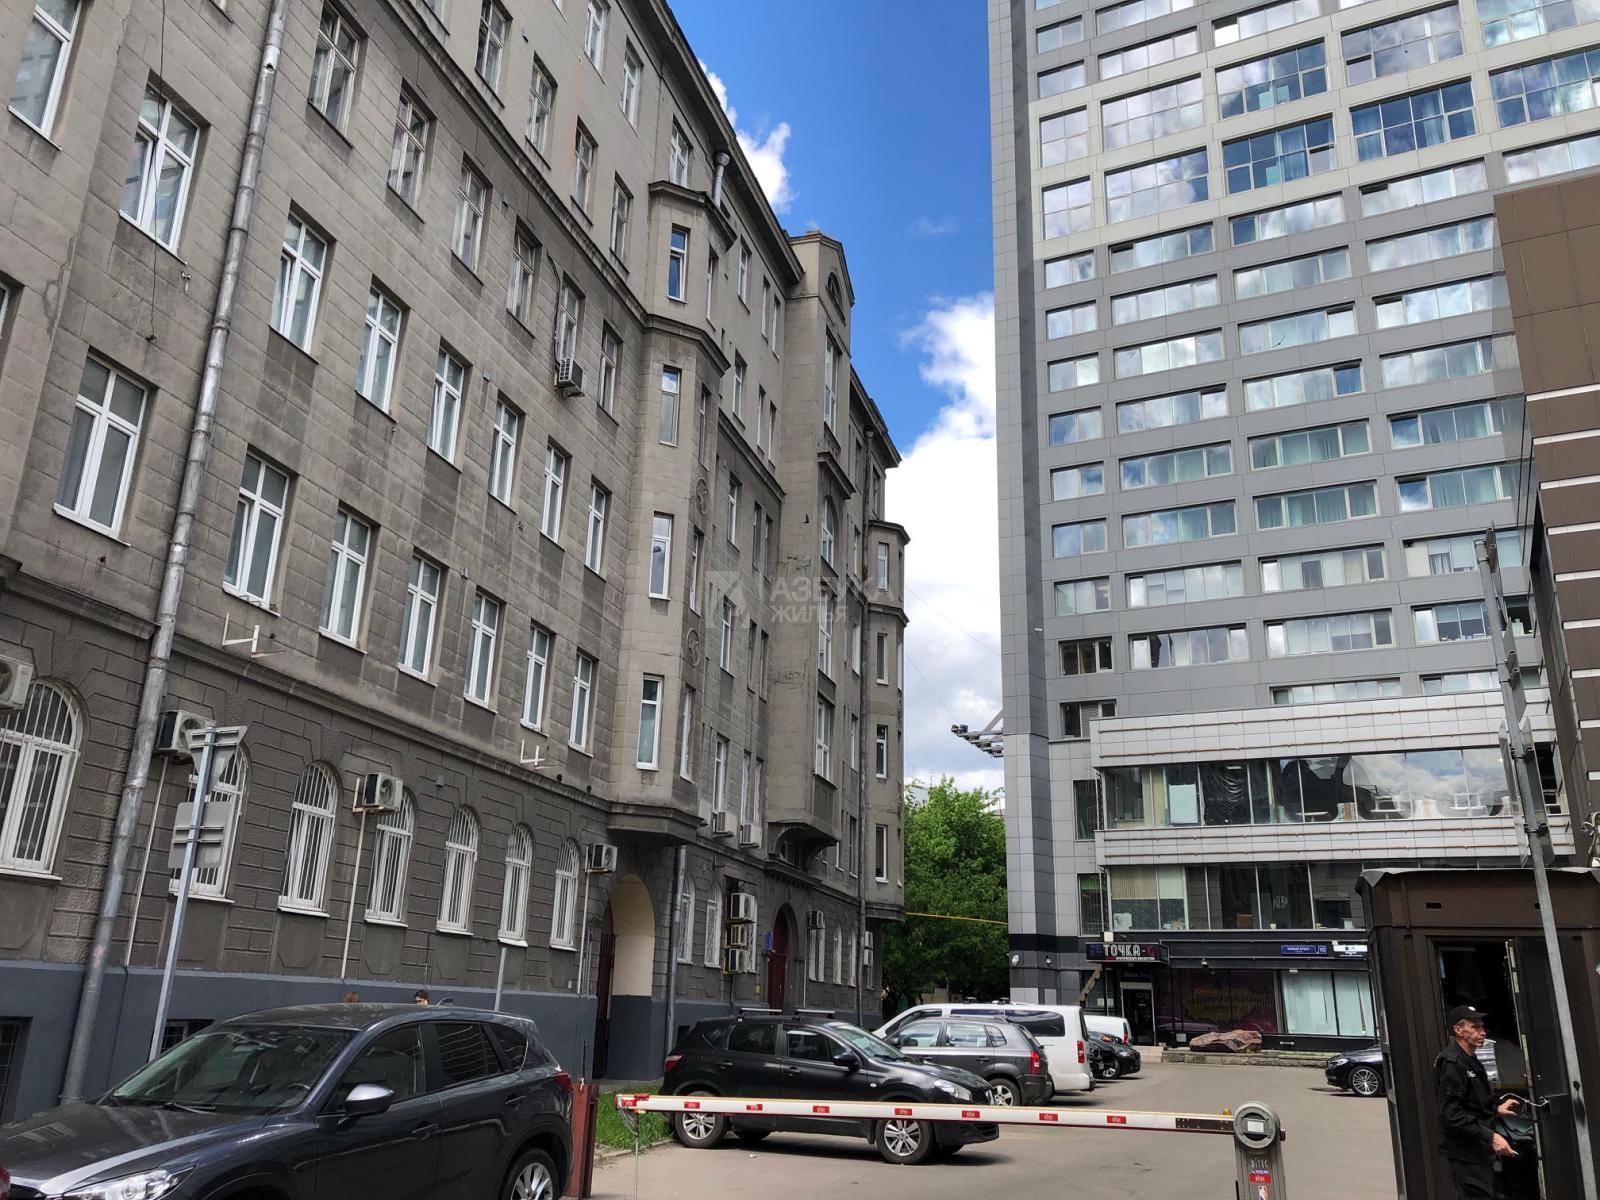 Фото №1 - 7-комнатная квартира, Москва, Николопесковский М. переулок 11 корпус 2 строение 1, метро Смоленская